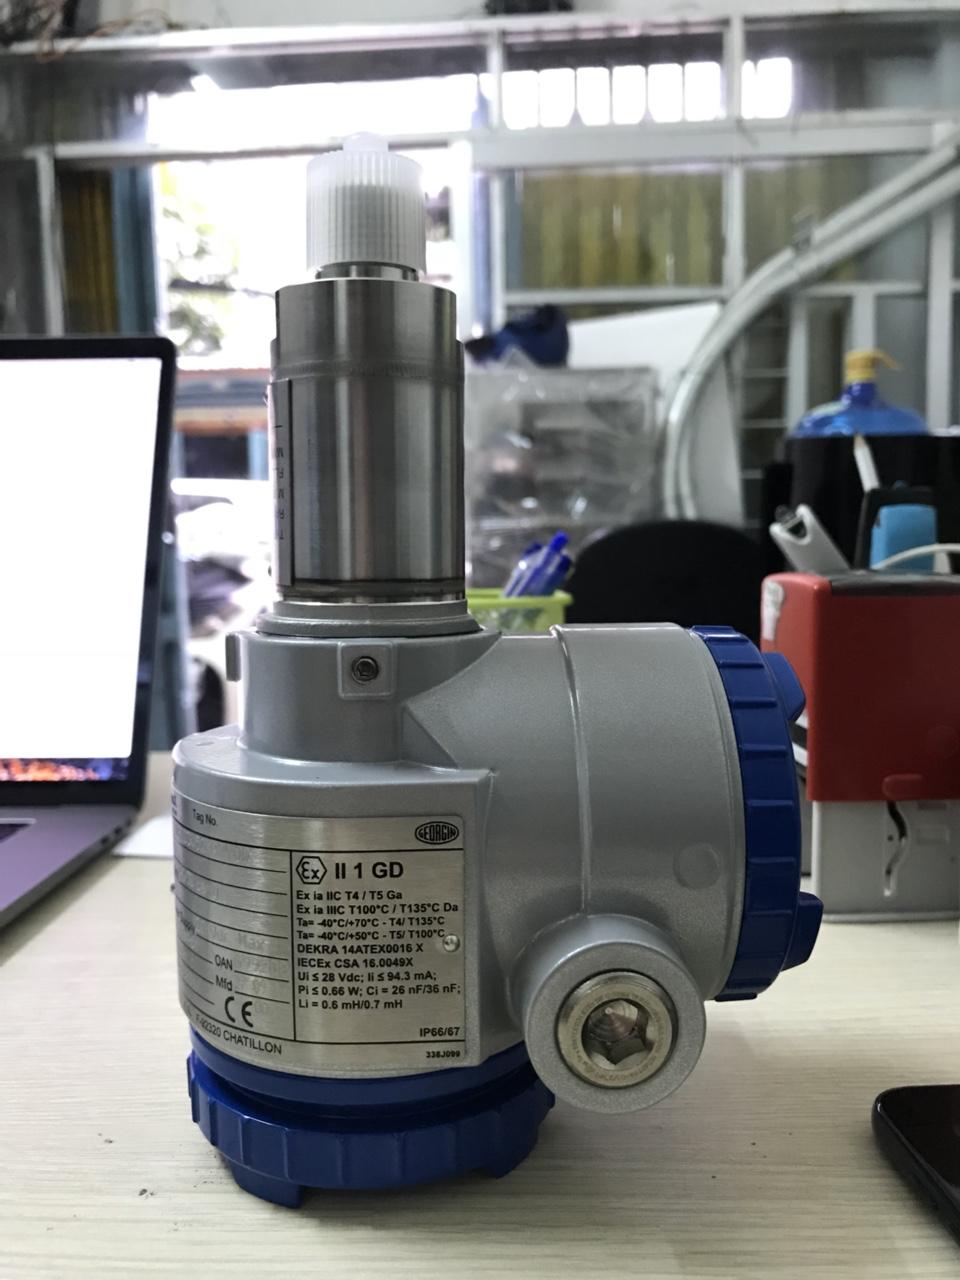 chuẩn chống cháy nổ của cảm biến áp suất xăng dầu